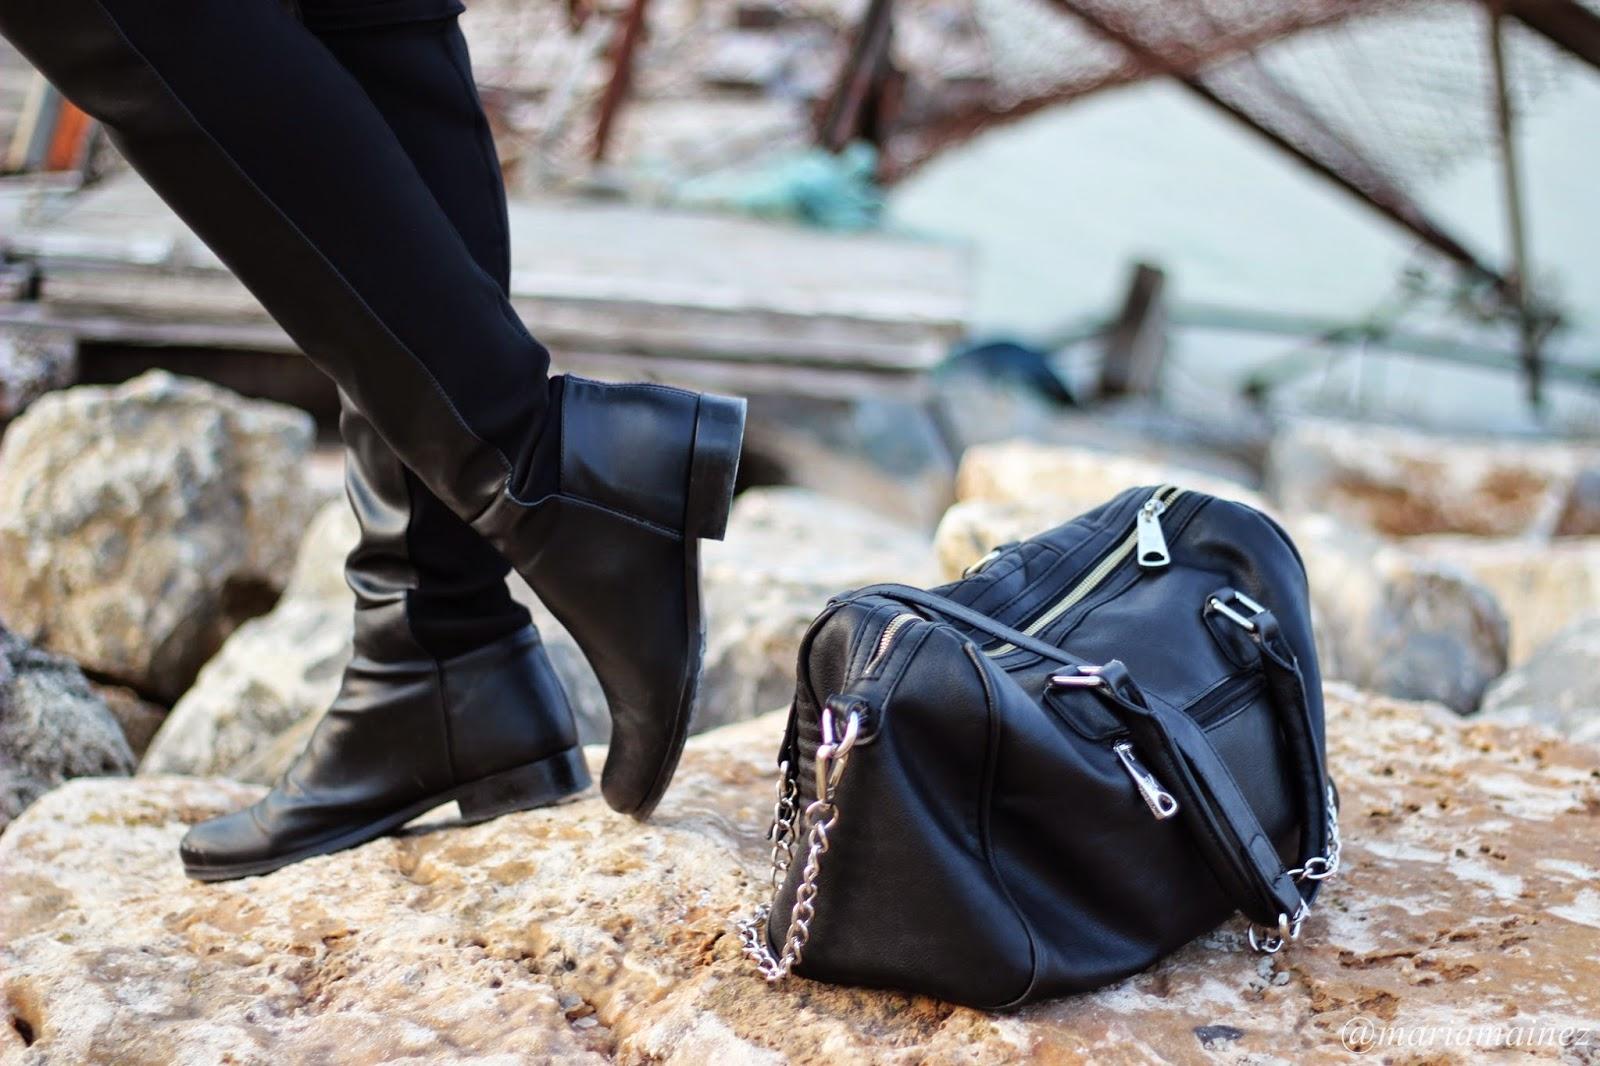 Botas Altas - Calzados Sandra - Calzado nacional - Piel- Bolso Pepe Moll